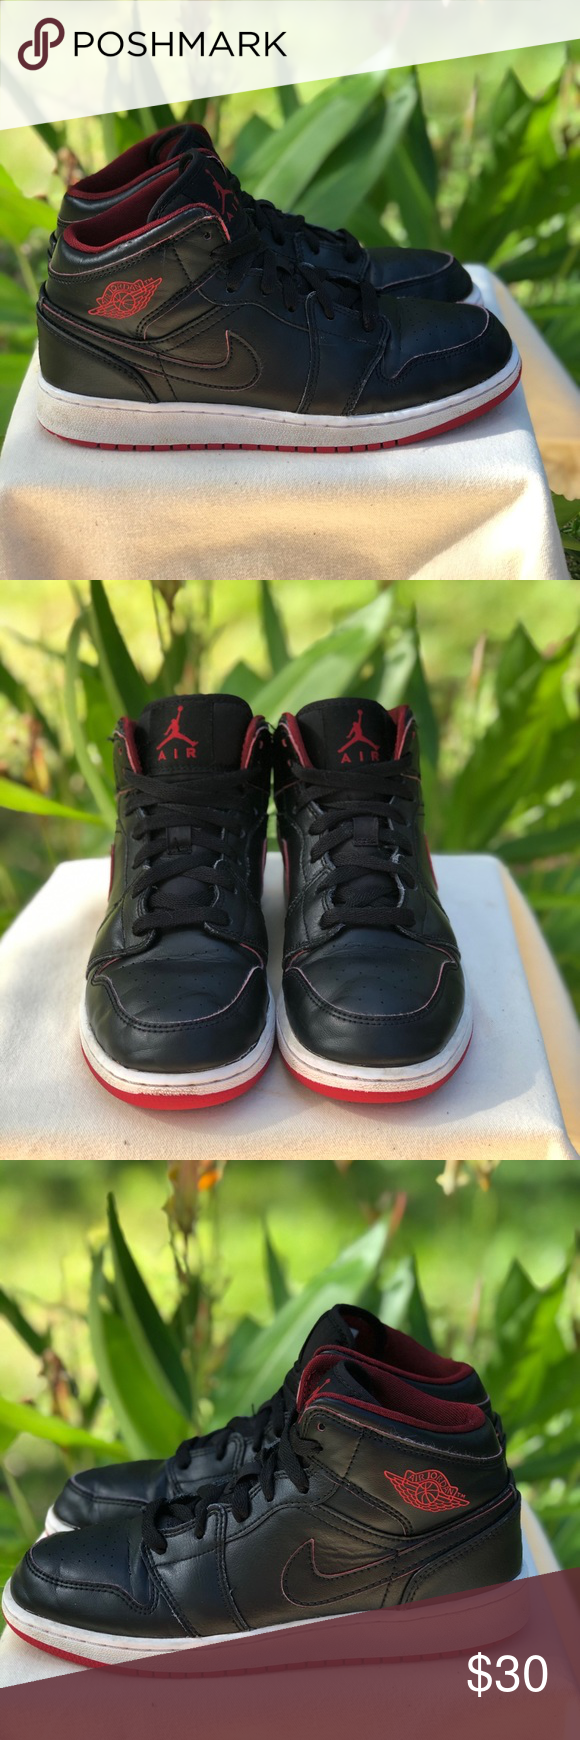 Air Jordan 1 Retro Mid GS Black Gym Red US 5Y Nike Air